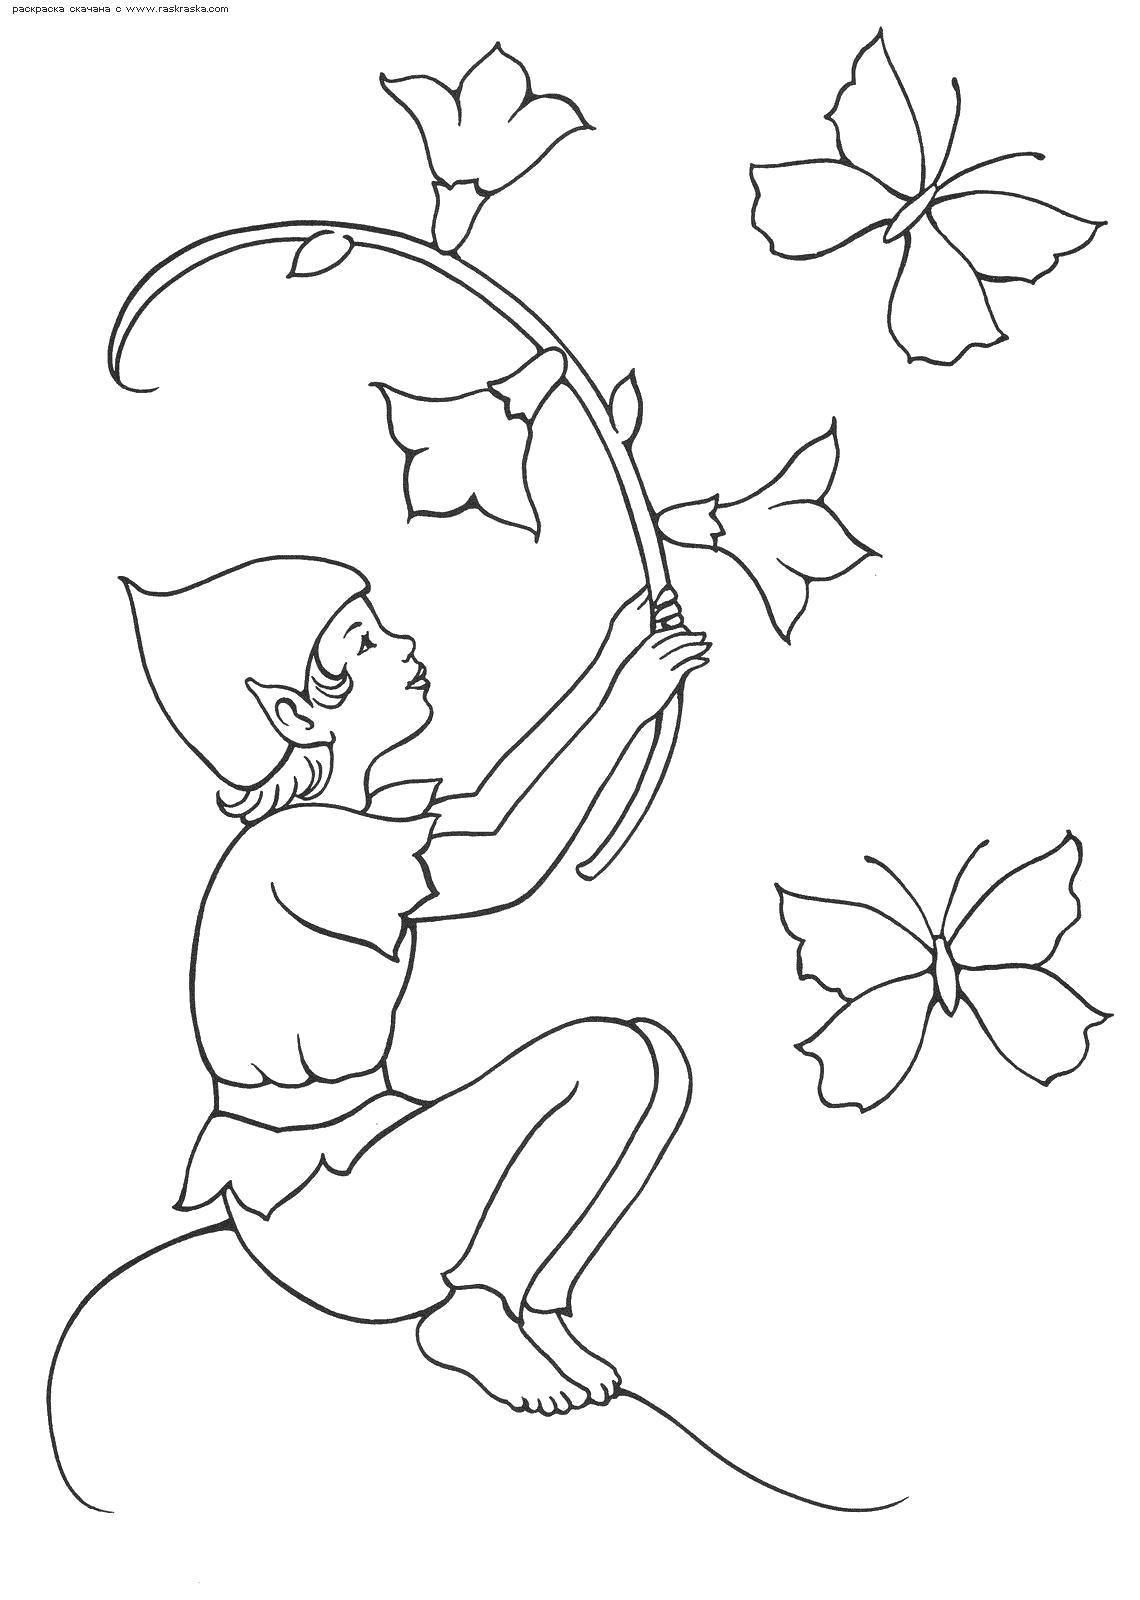 Раскраска  Эльф играет с колокольчиками .  Эльф с цветами и в колпачке. Скачать Эльф.  Распечатать Эльф